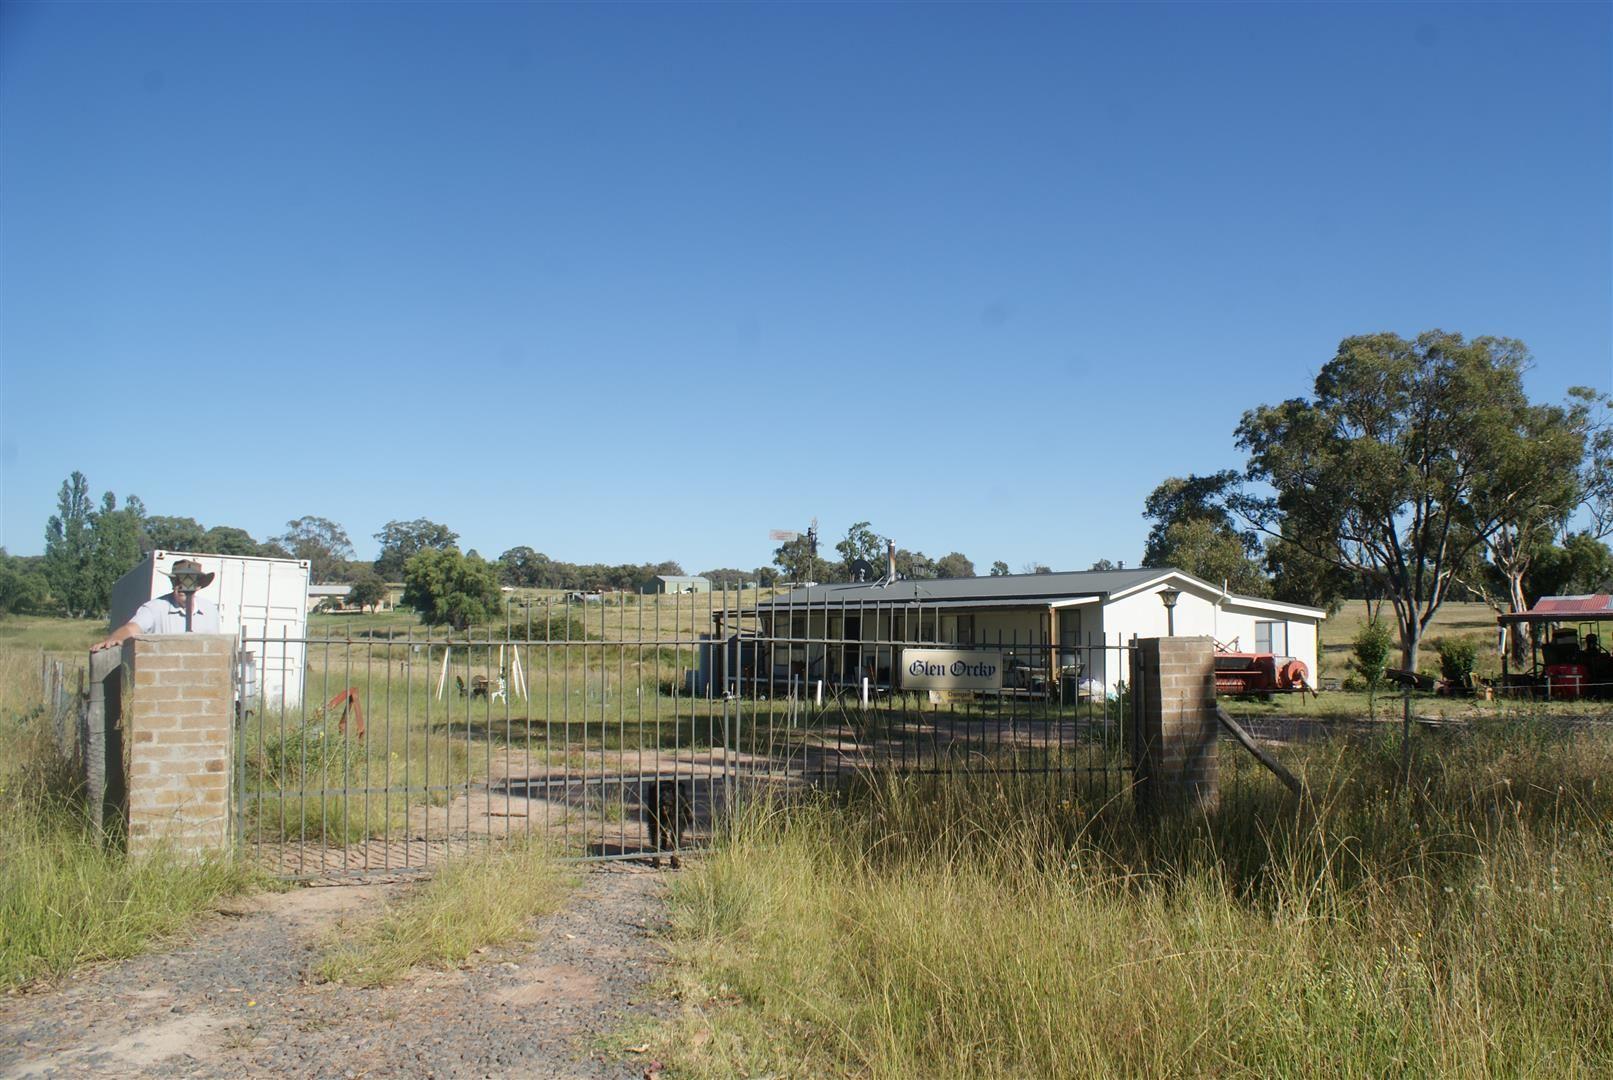 114 Hazelglen Rd, Watsons Creek NSW 2355, Image 1